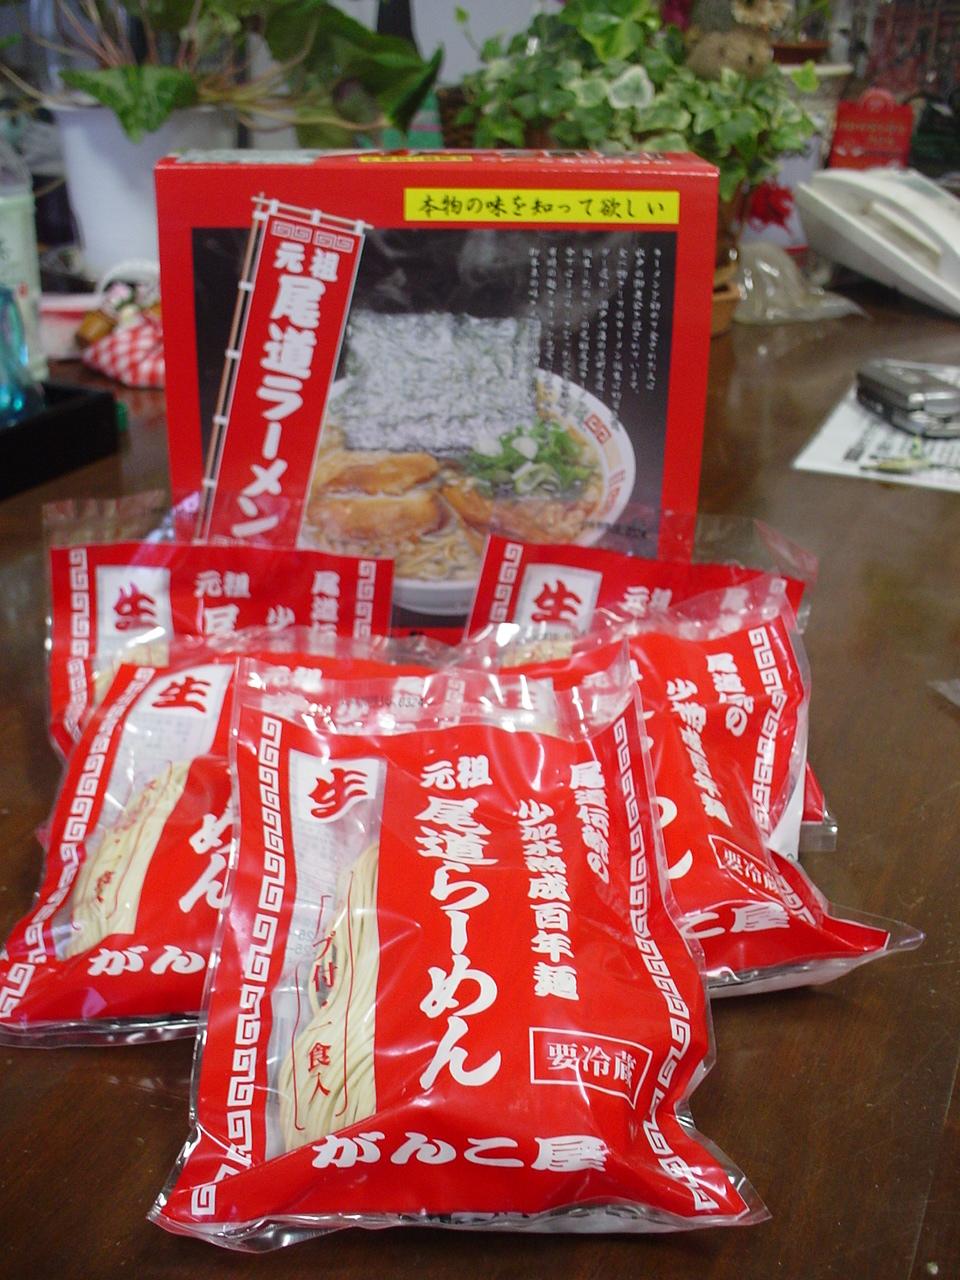 がんこ尾道ラーメン5食セット【尾海苔10枚付・ギフト赤箱】